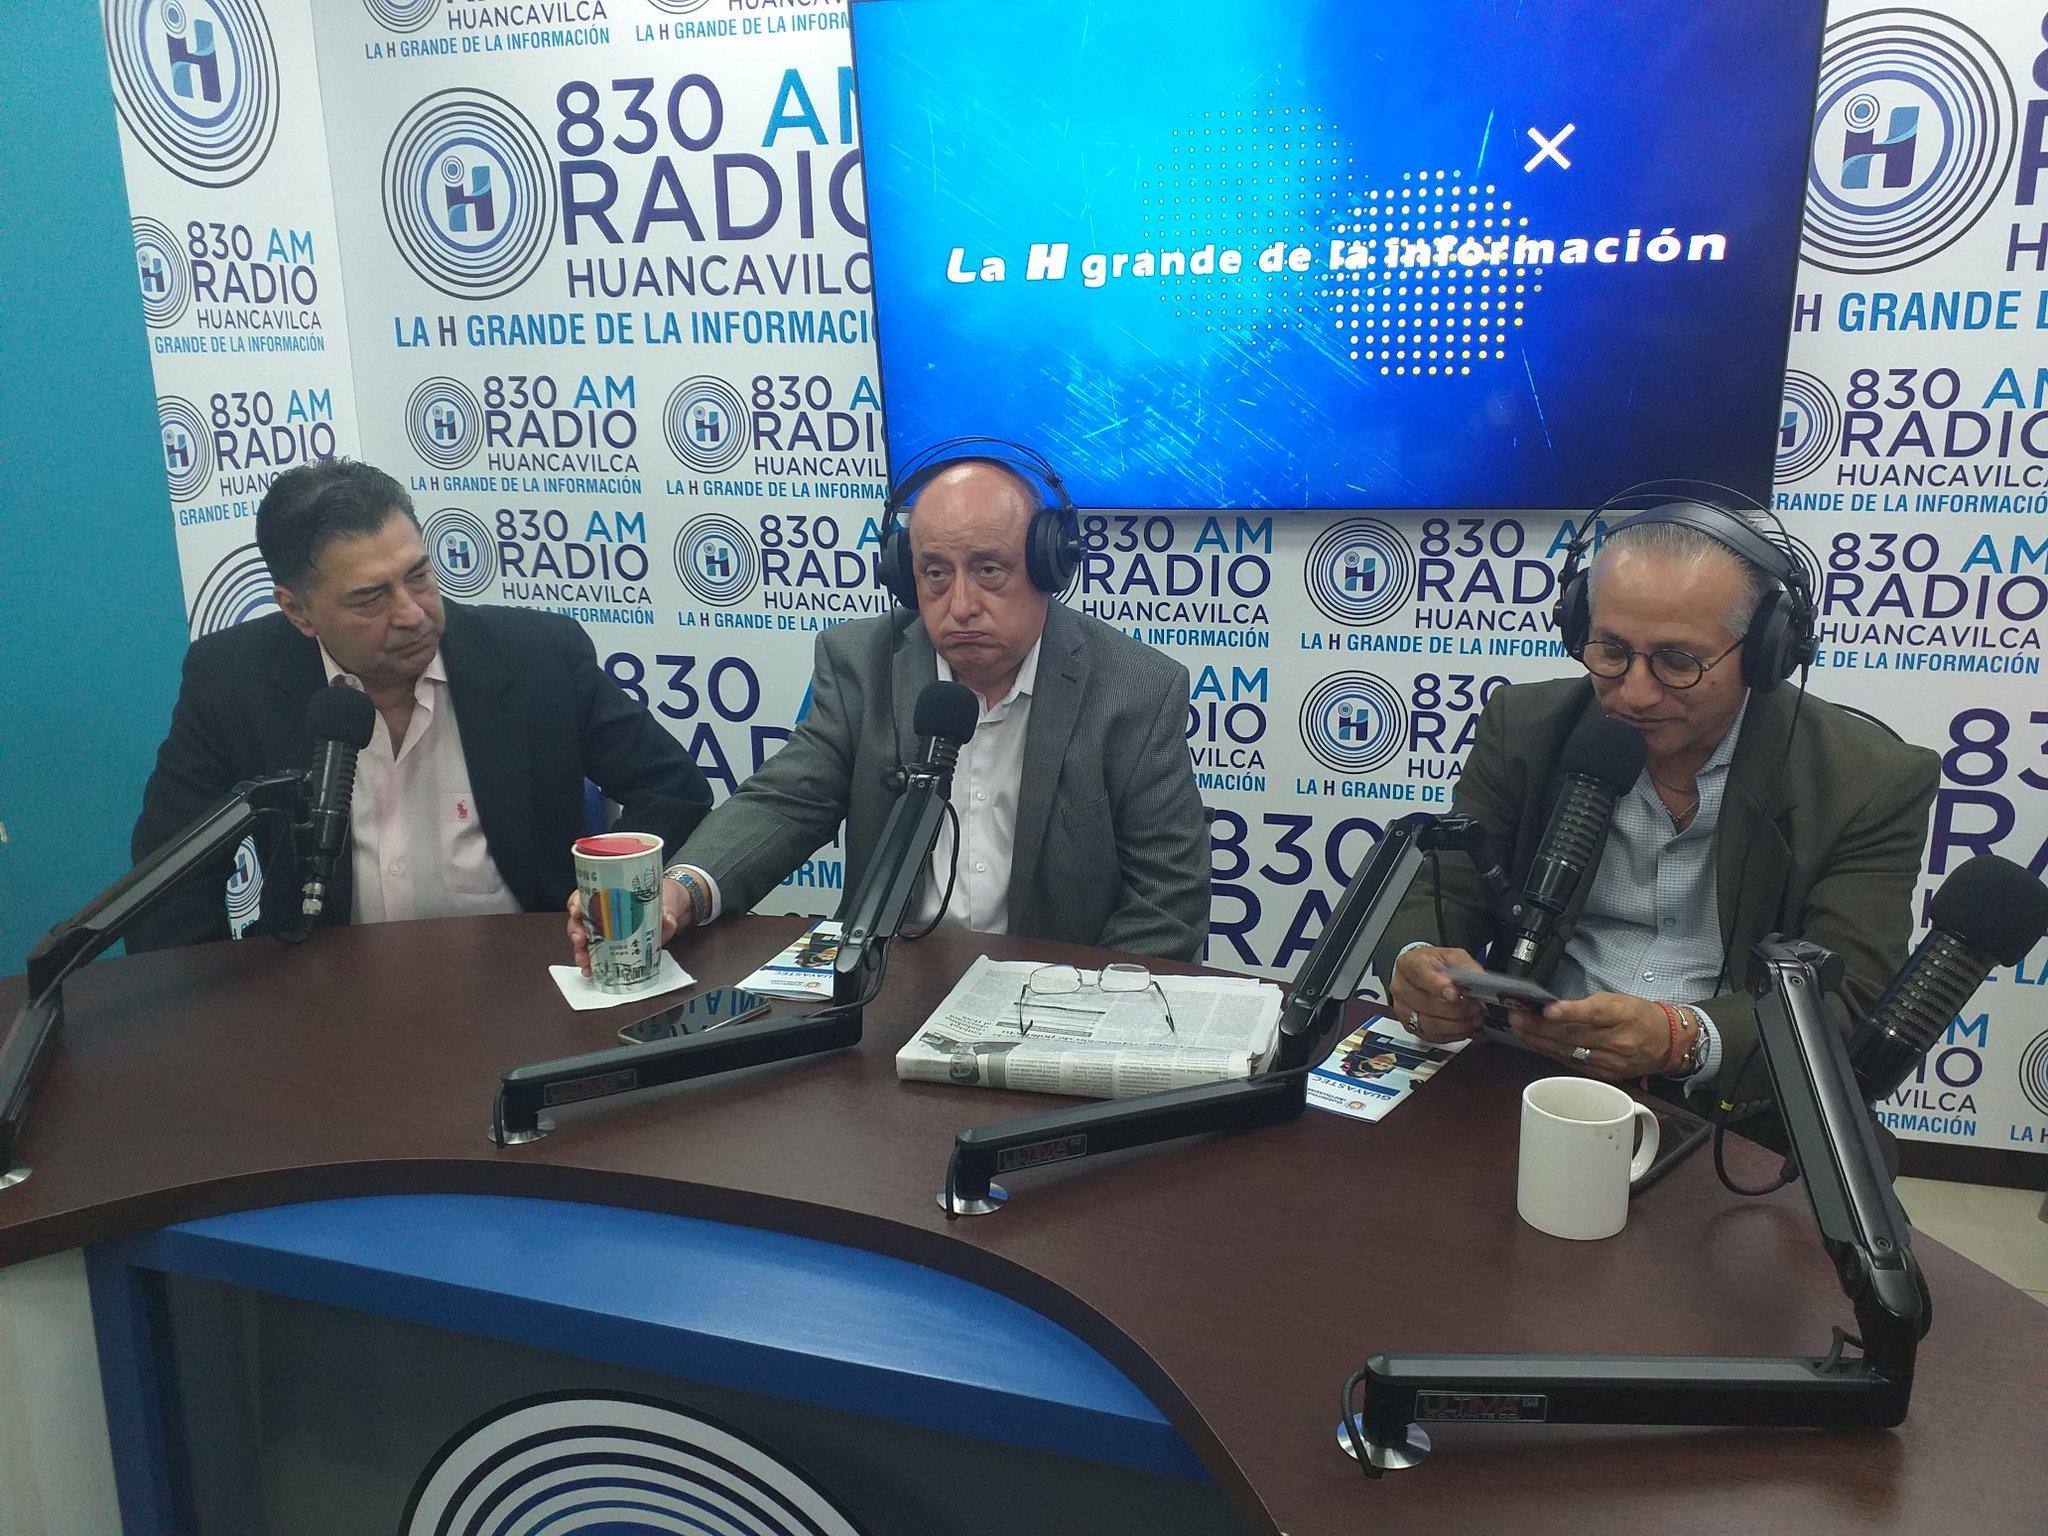 Photo of Capacitación y actualización de conocimientos en el área informático y tecnológico gratuitos